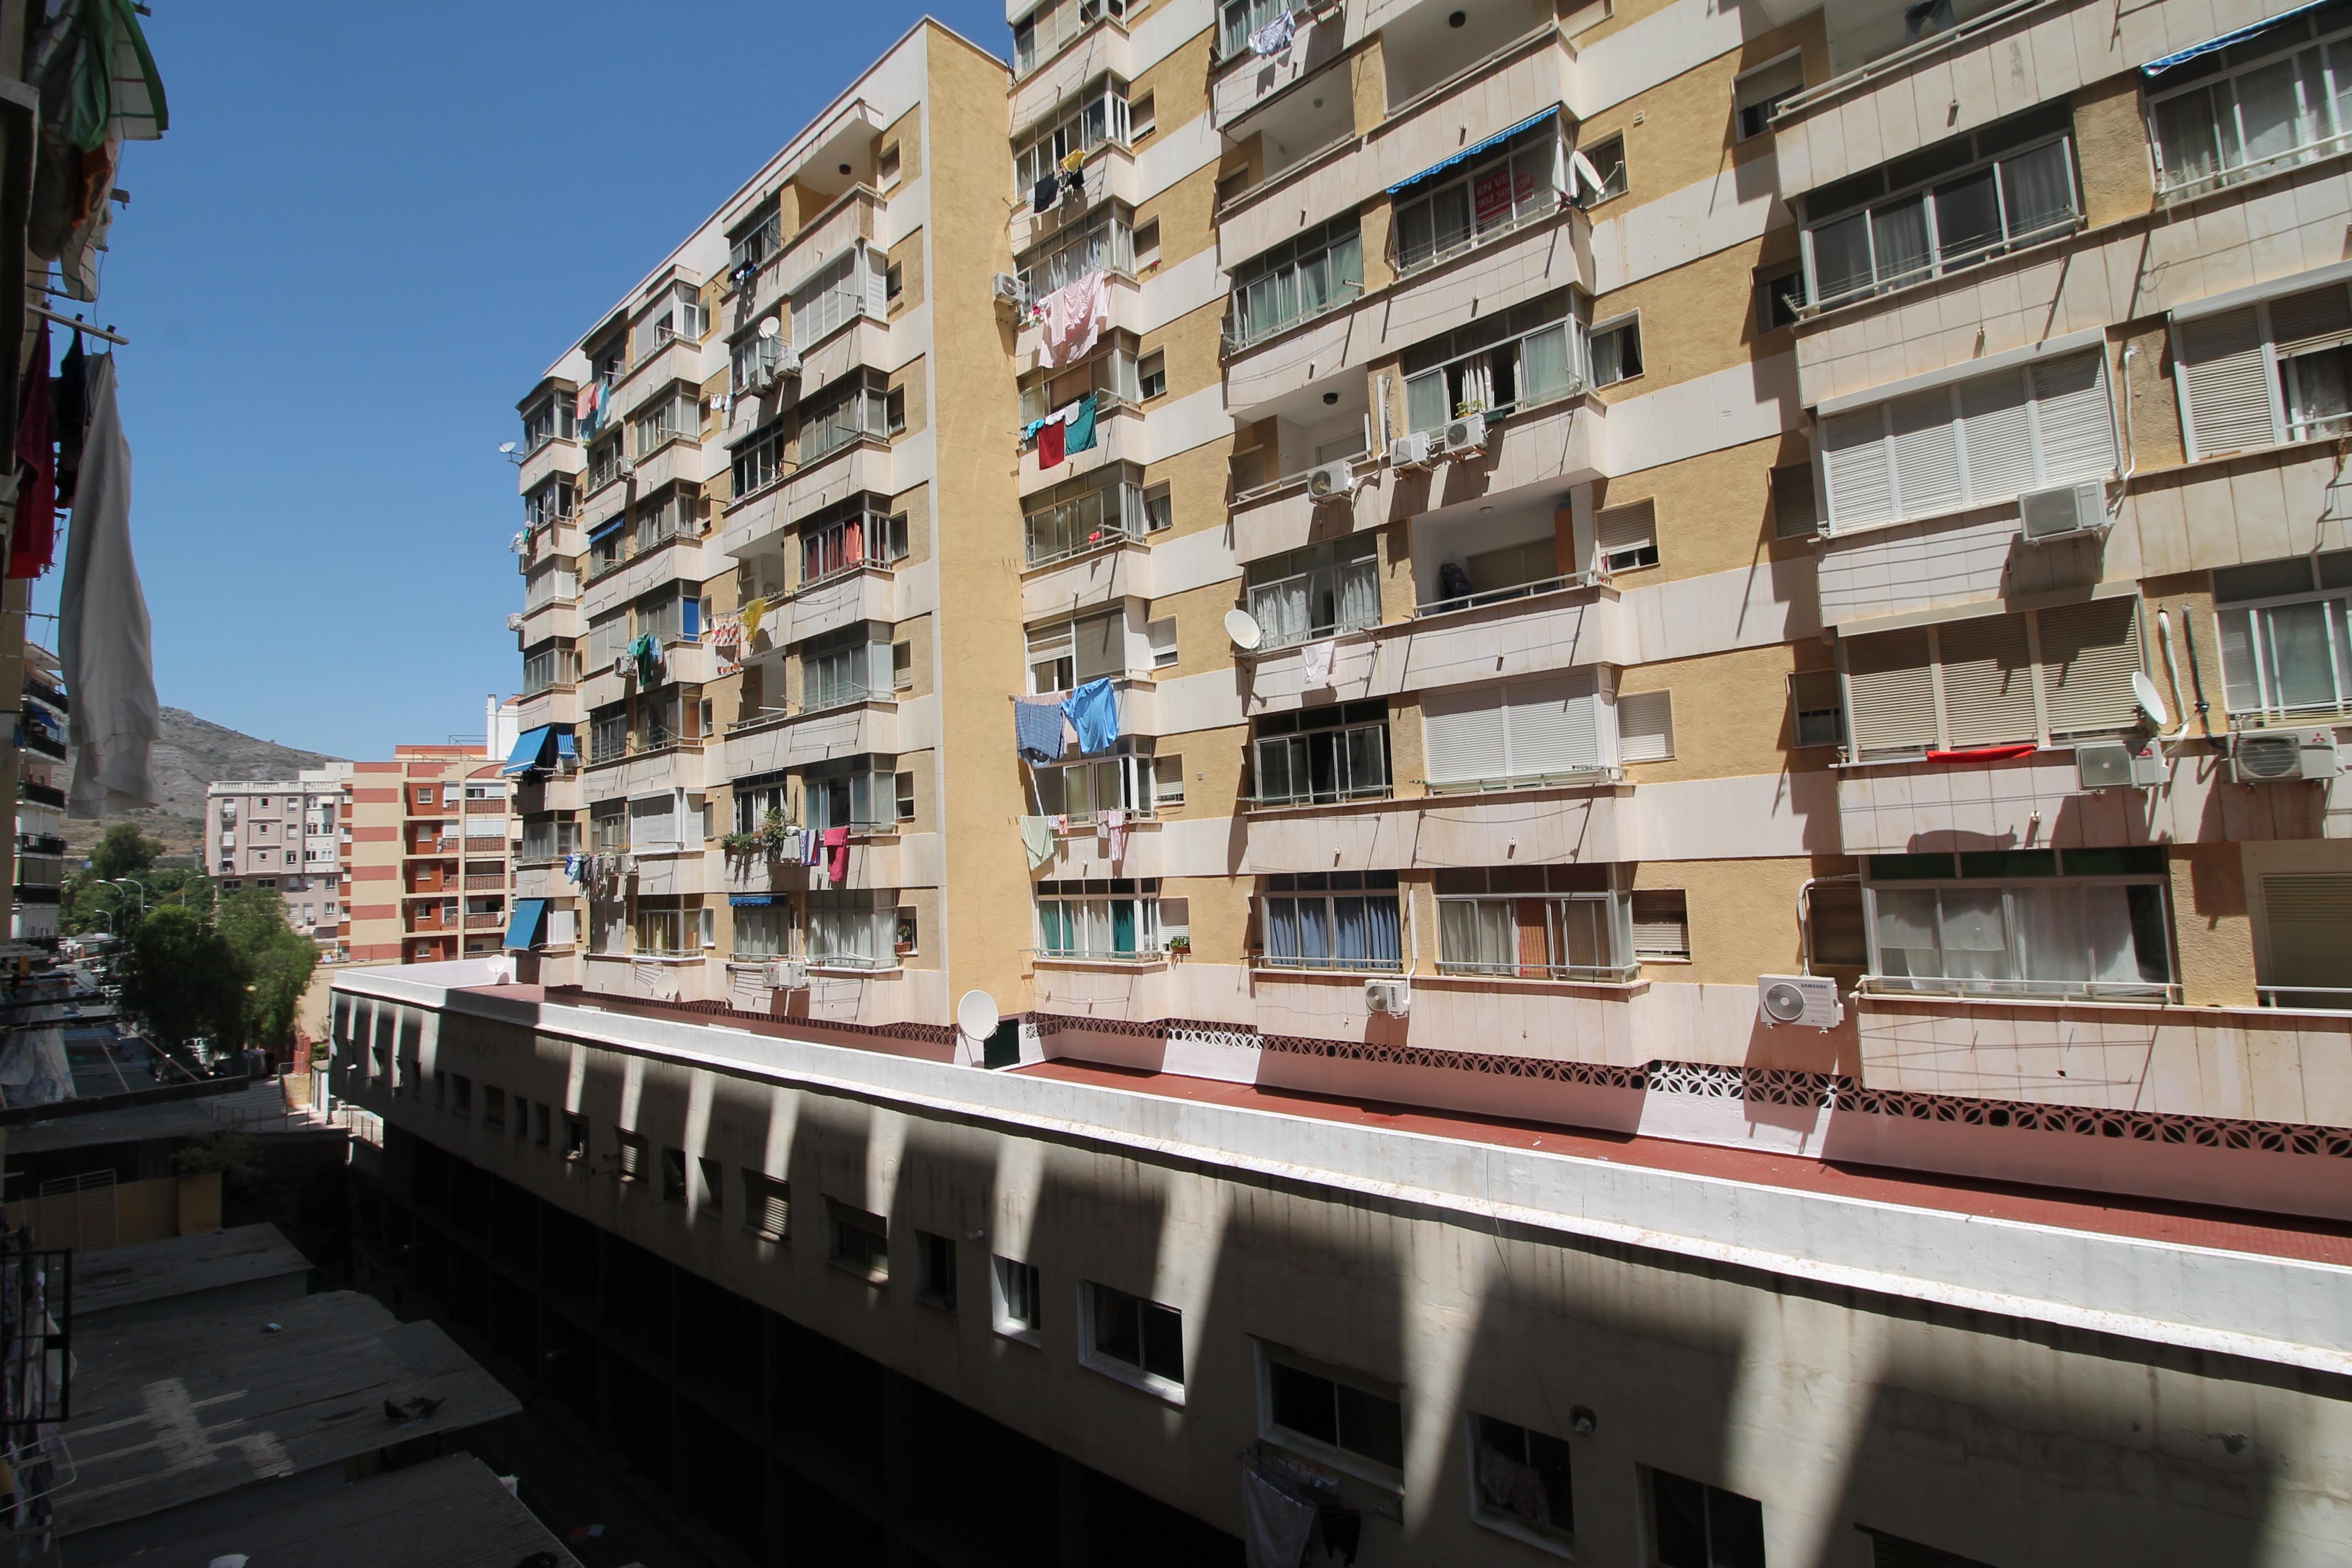 Piso en venta en Torremolinos, Málaga, Calle Ramal Pintor Sorolla, 59.000 €, 1 habitación, 1 baño, 42 m2